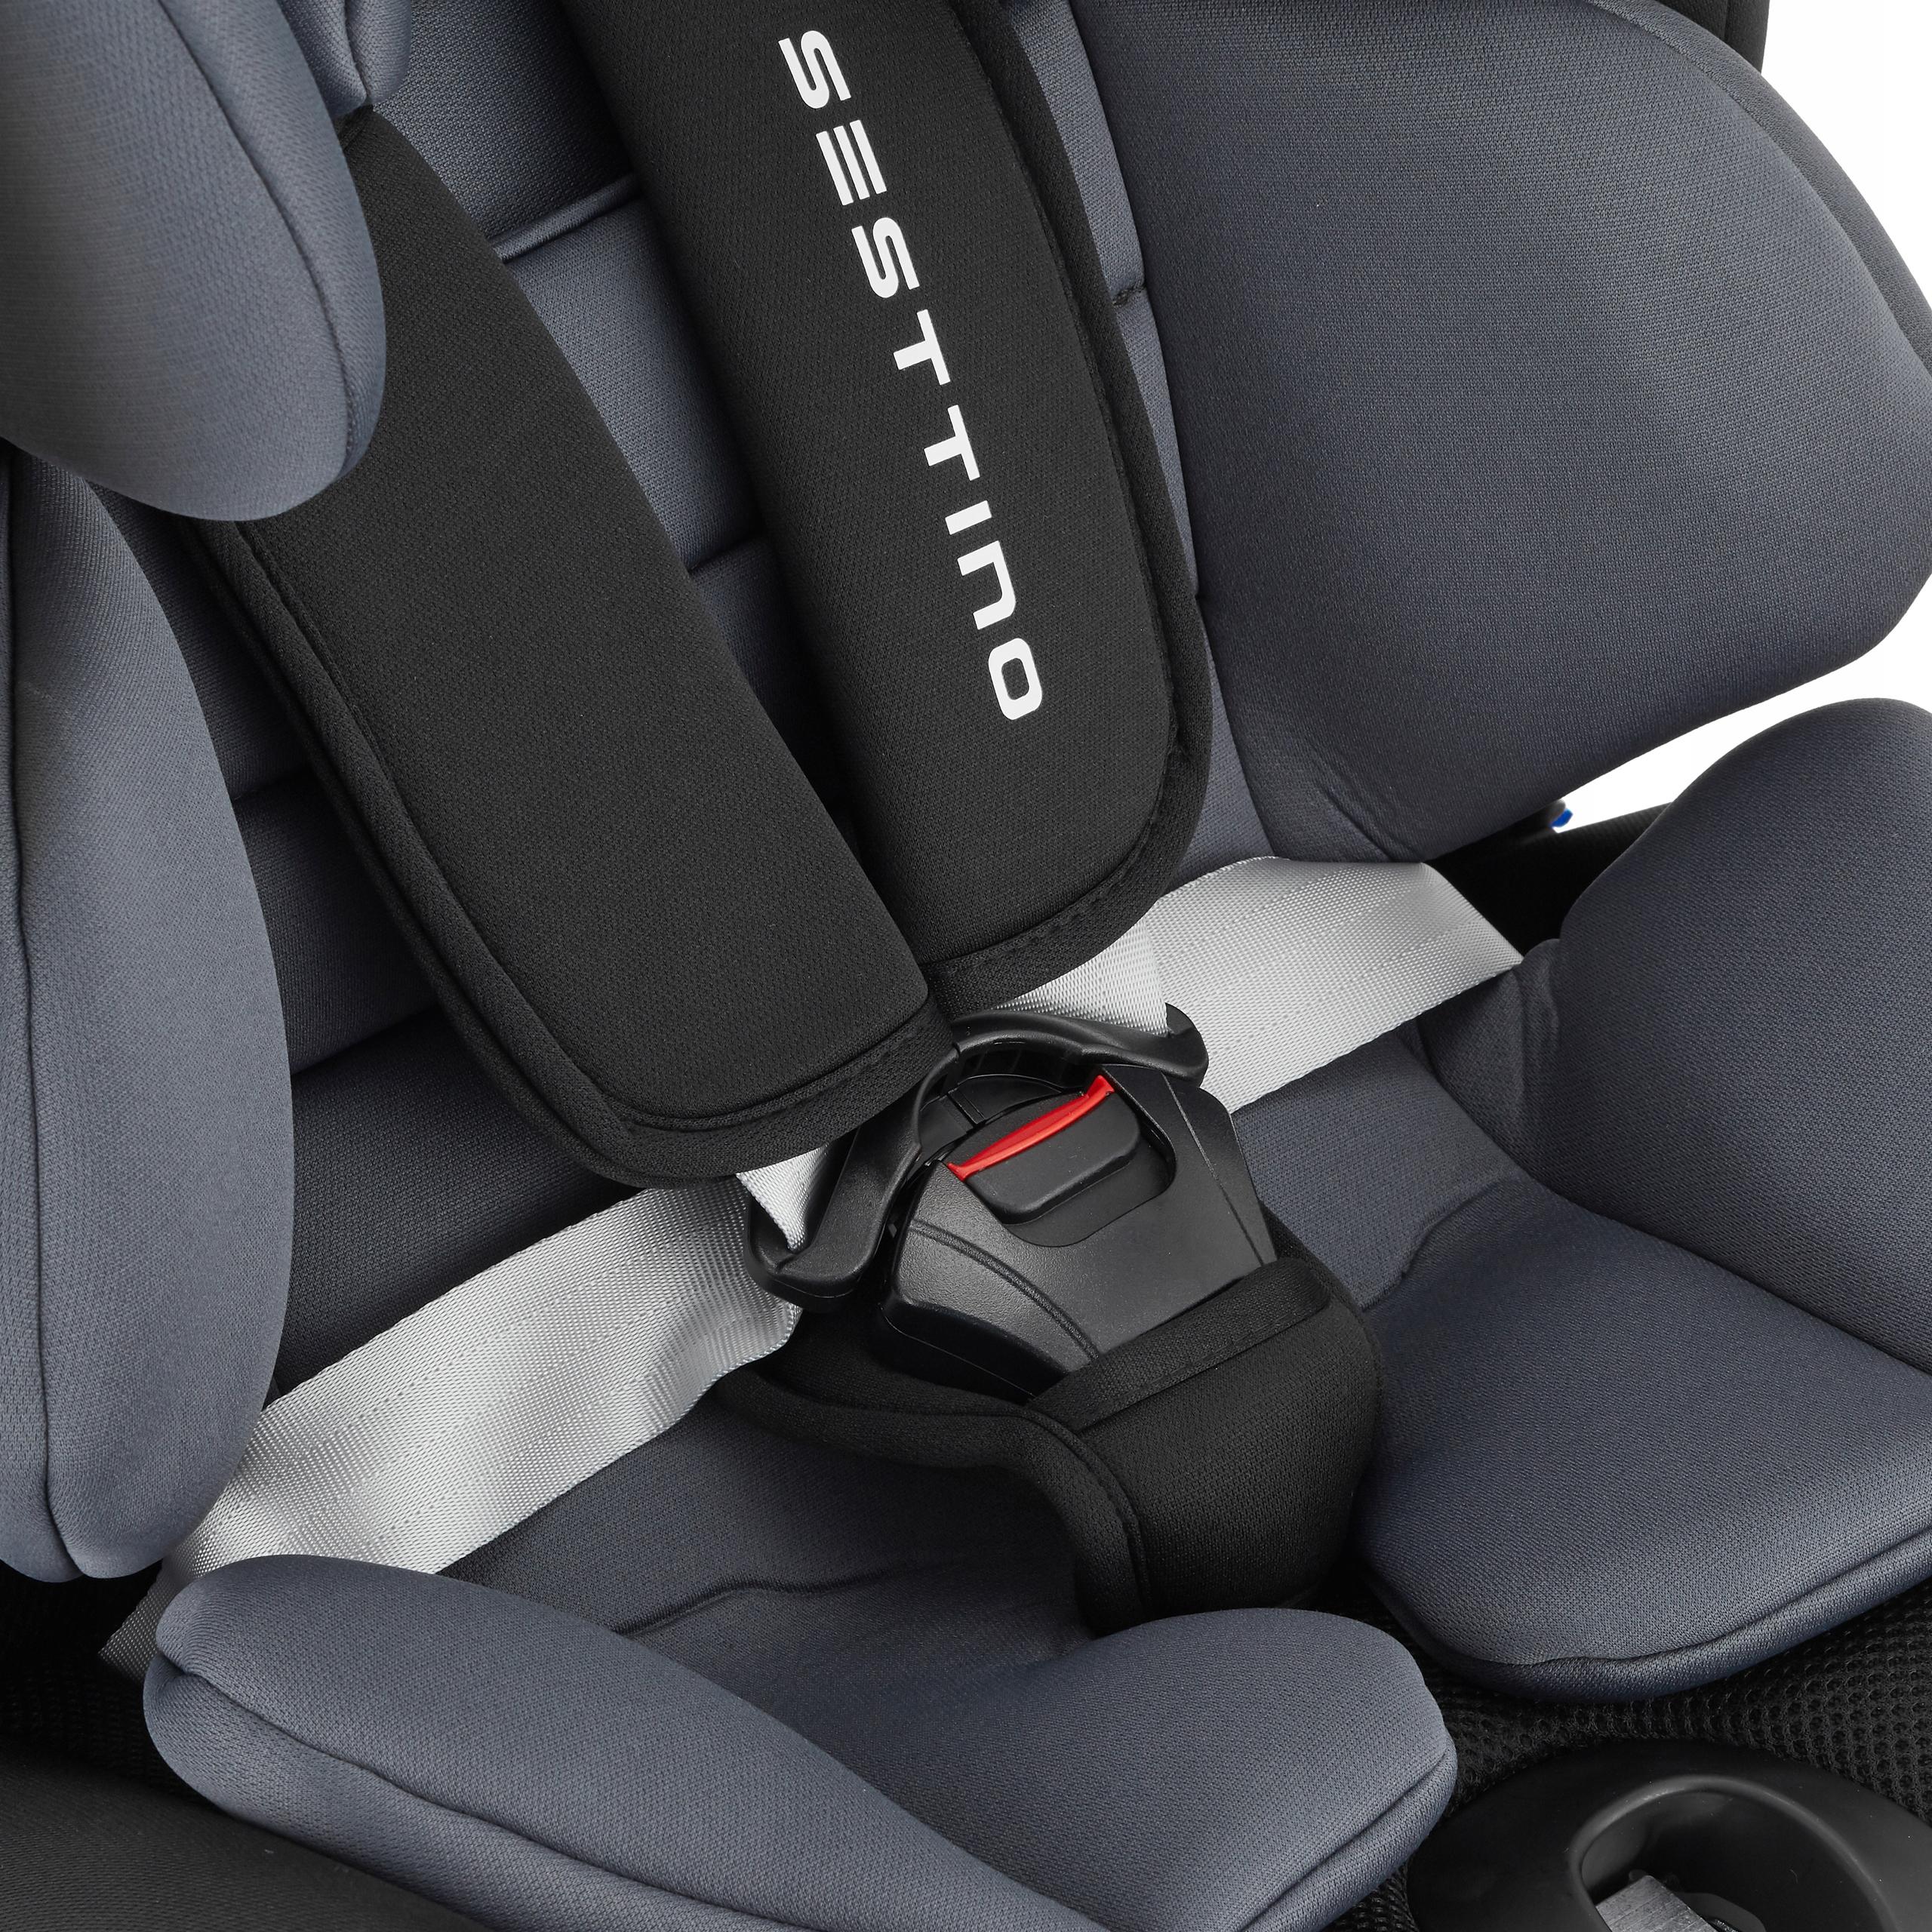 Fotelik Samochodowy Sesttino Route ISOFIX 0-36kg Kolor odcienie szarości i srebra